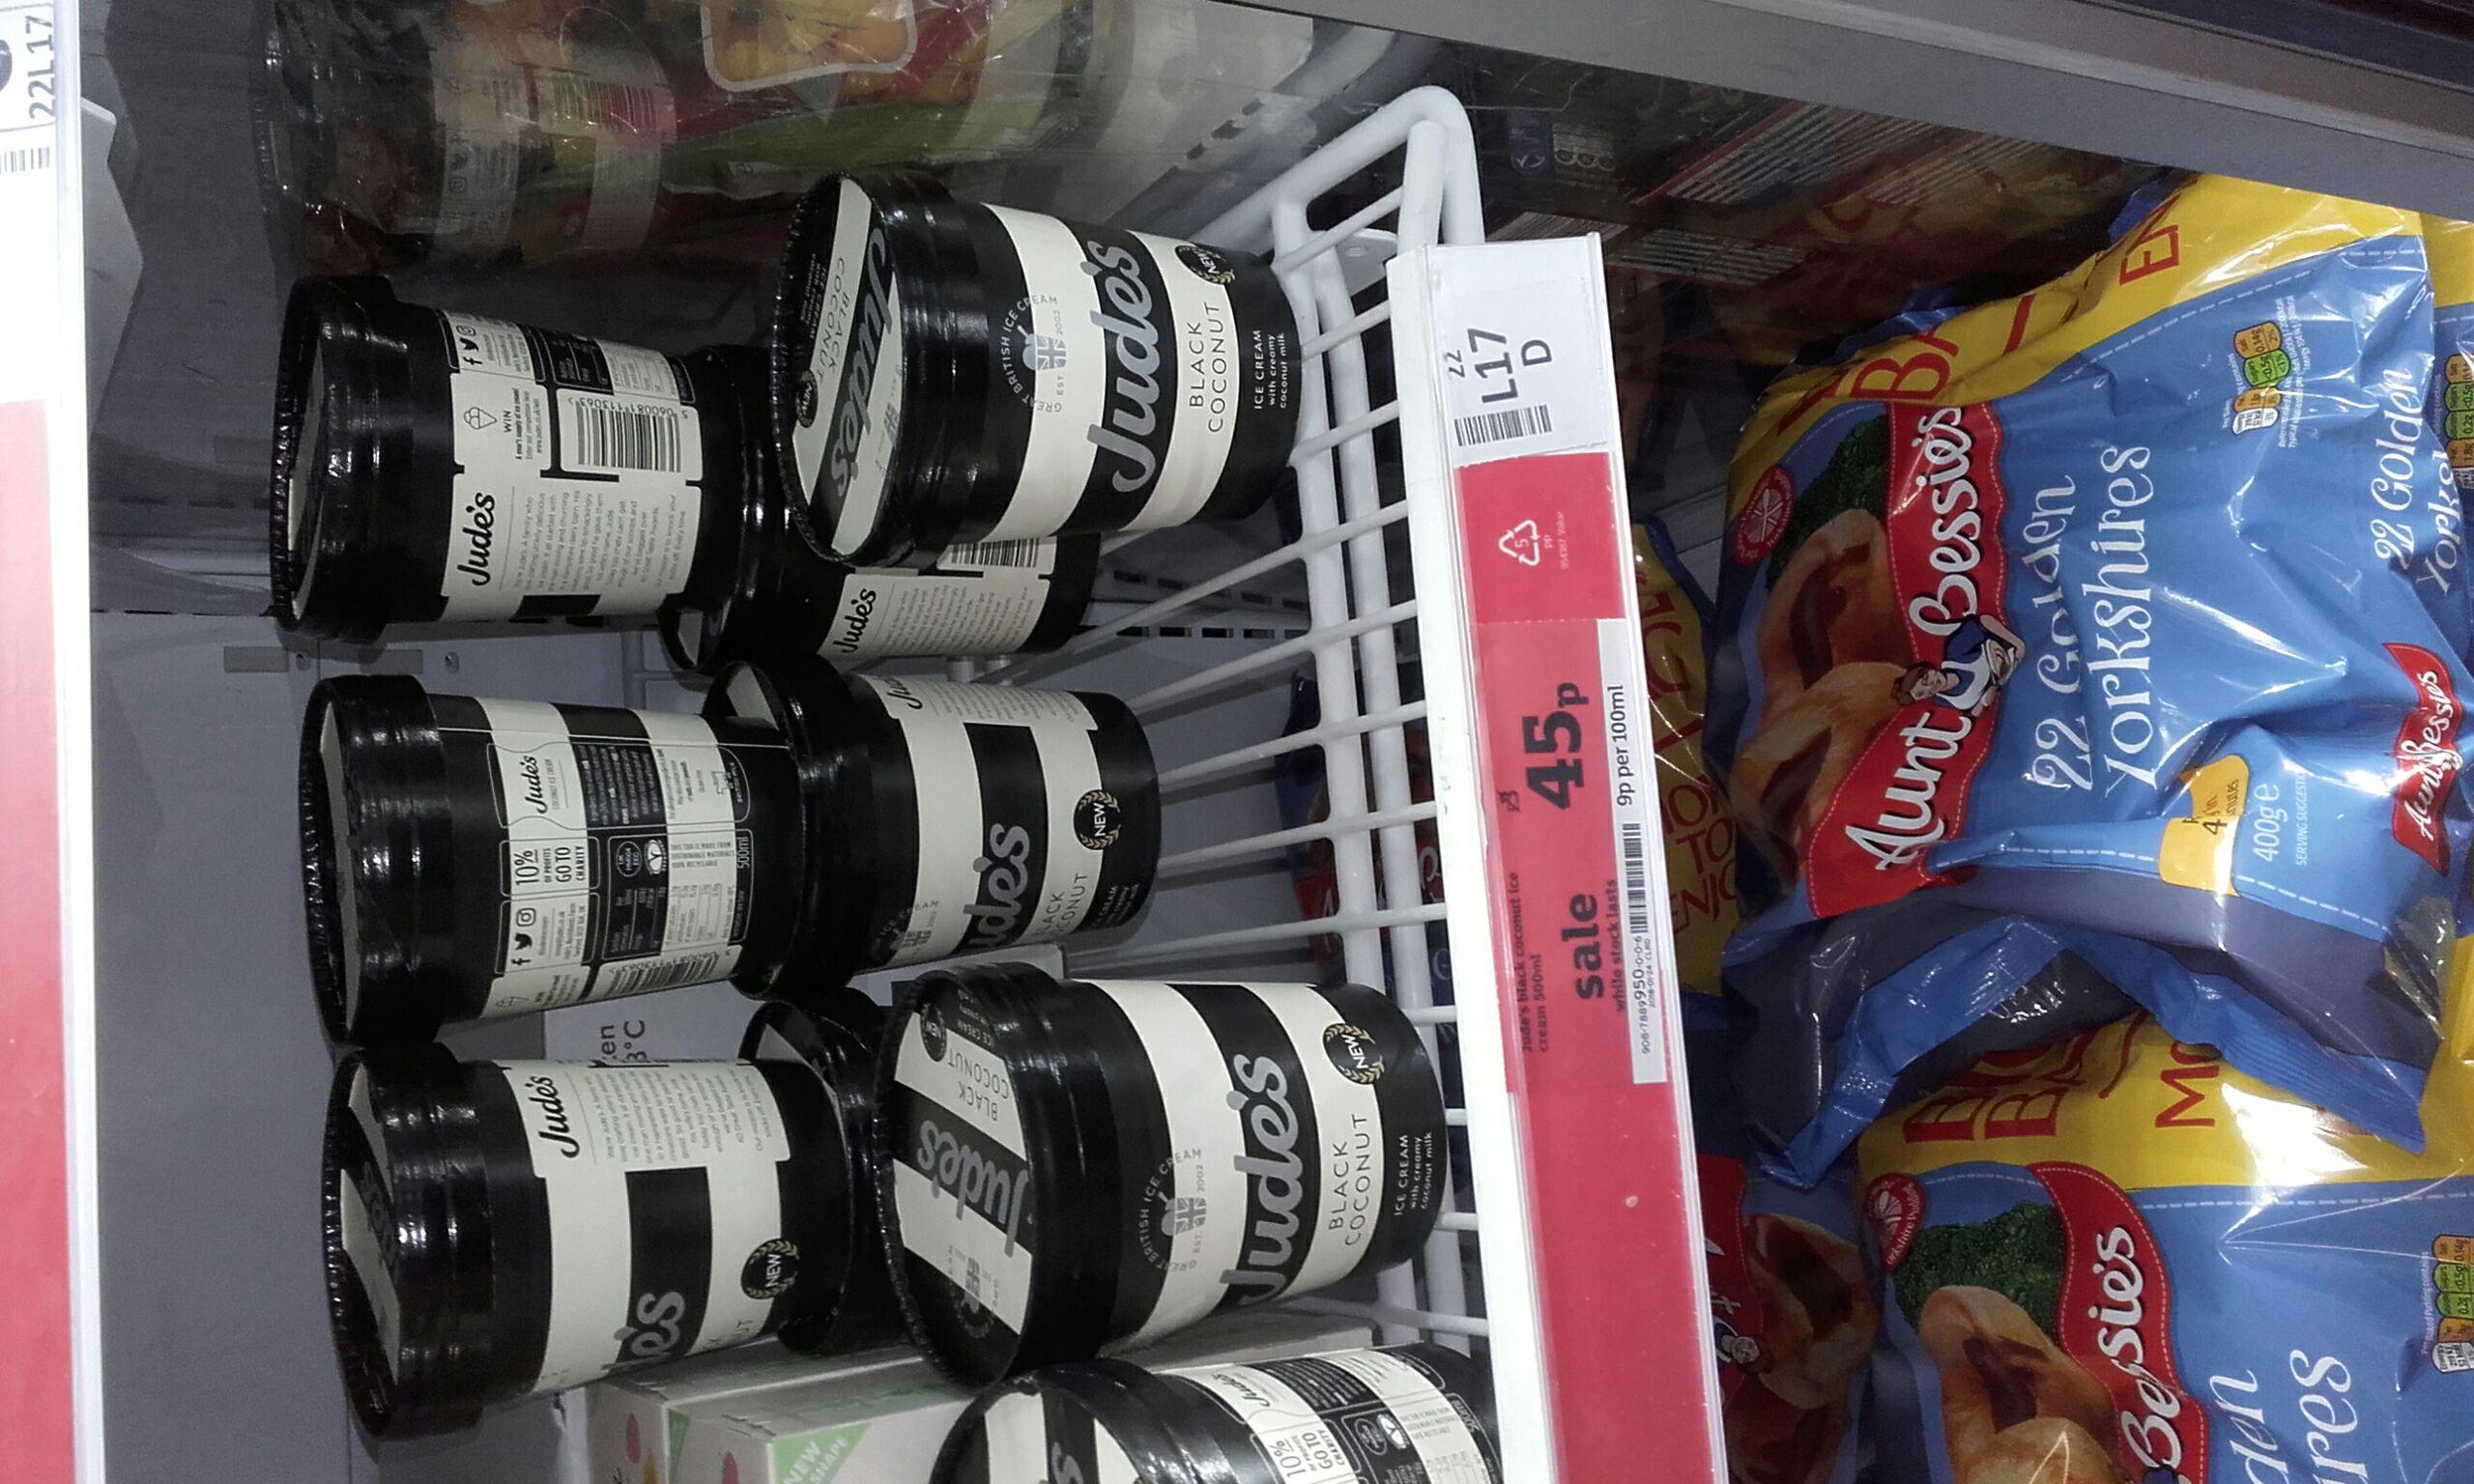 Judes ice cream 500ml - 45p instore at Sainsbury Dewsbury